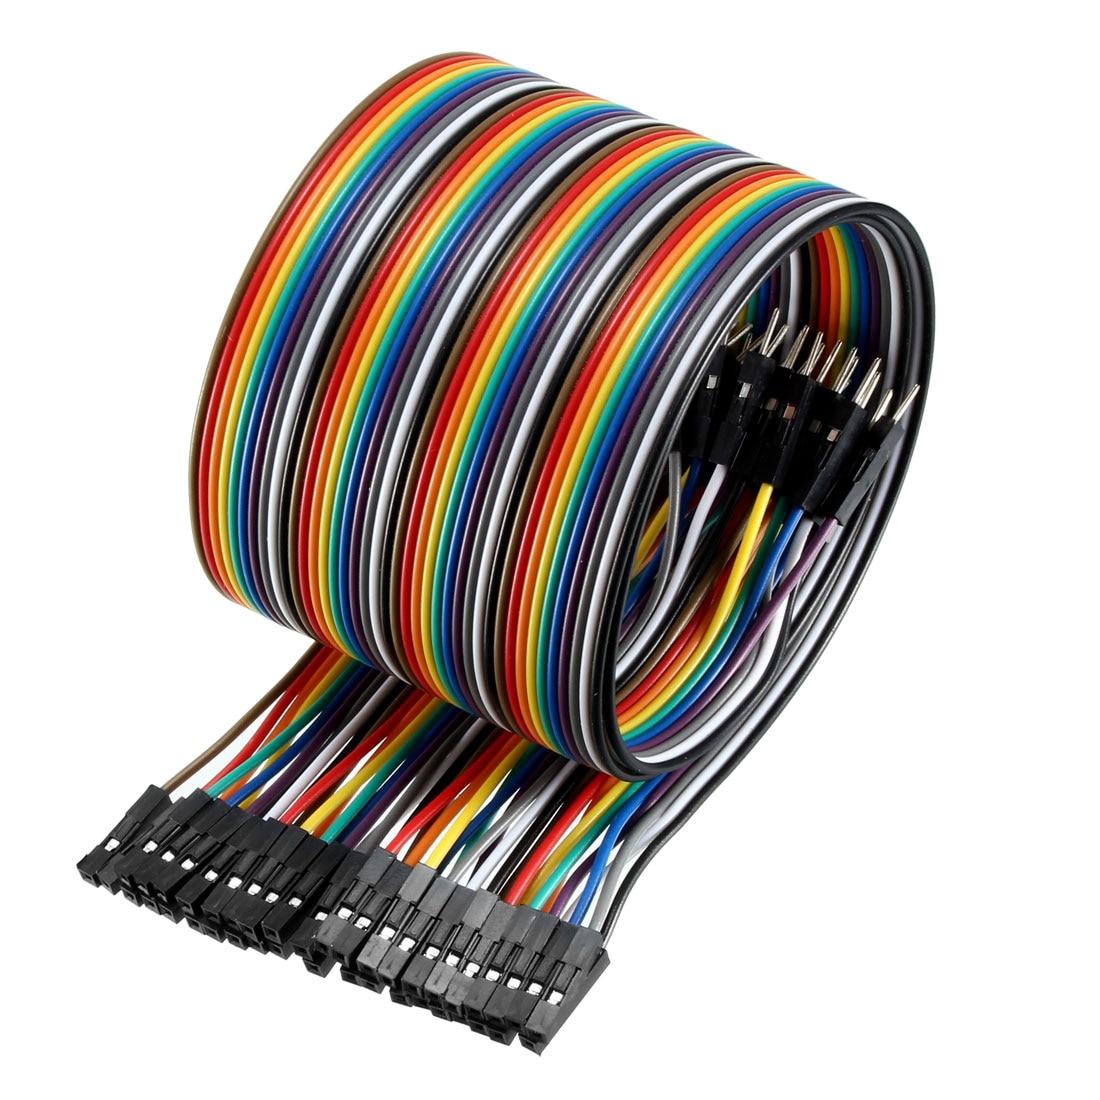 Uxcell macho para fêmea 40pin tábua de pão jumper fio 2.54mm passo fita cabo 50cm de comprimento para arduino breadboard experiência diy